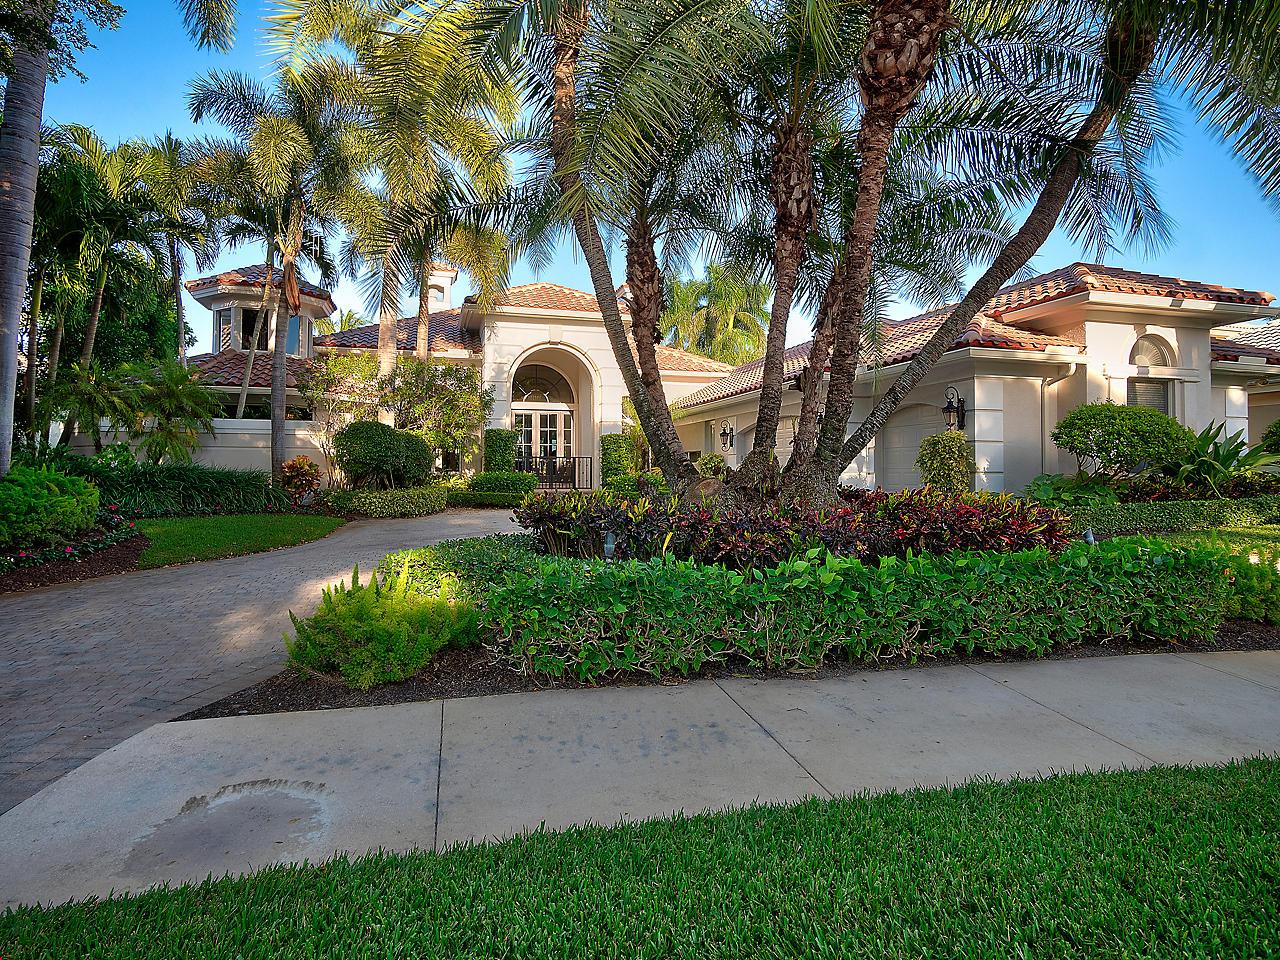 Photo of 36 Saint Thomas Drive, Palm Beach Gardens, FL 33418